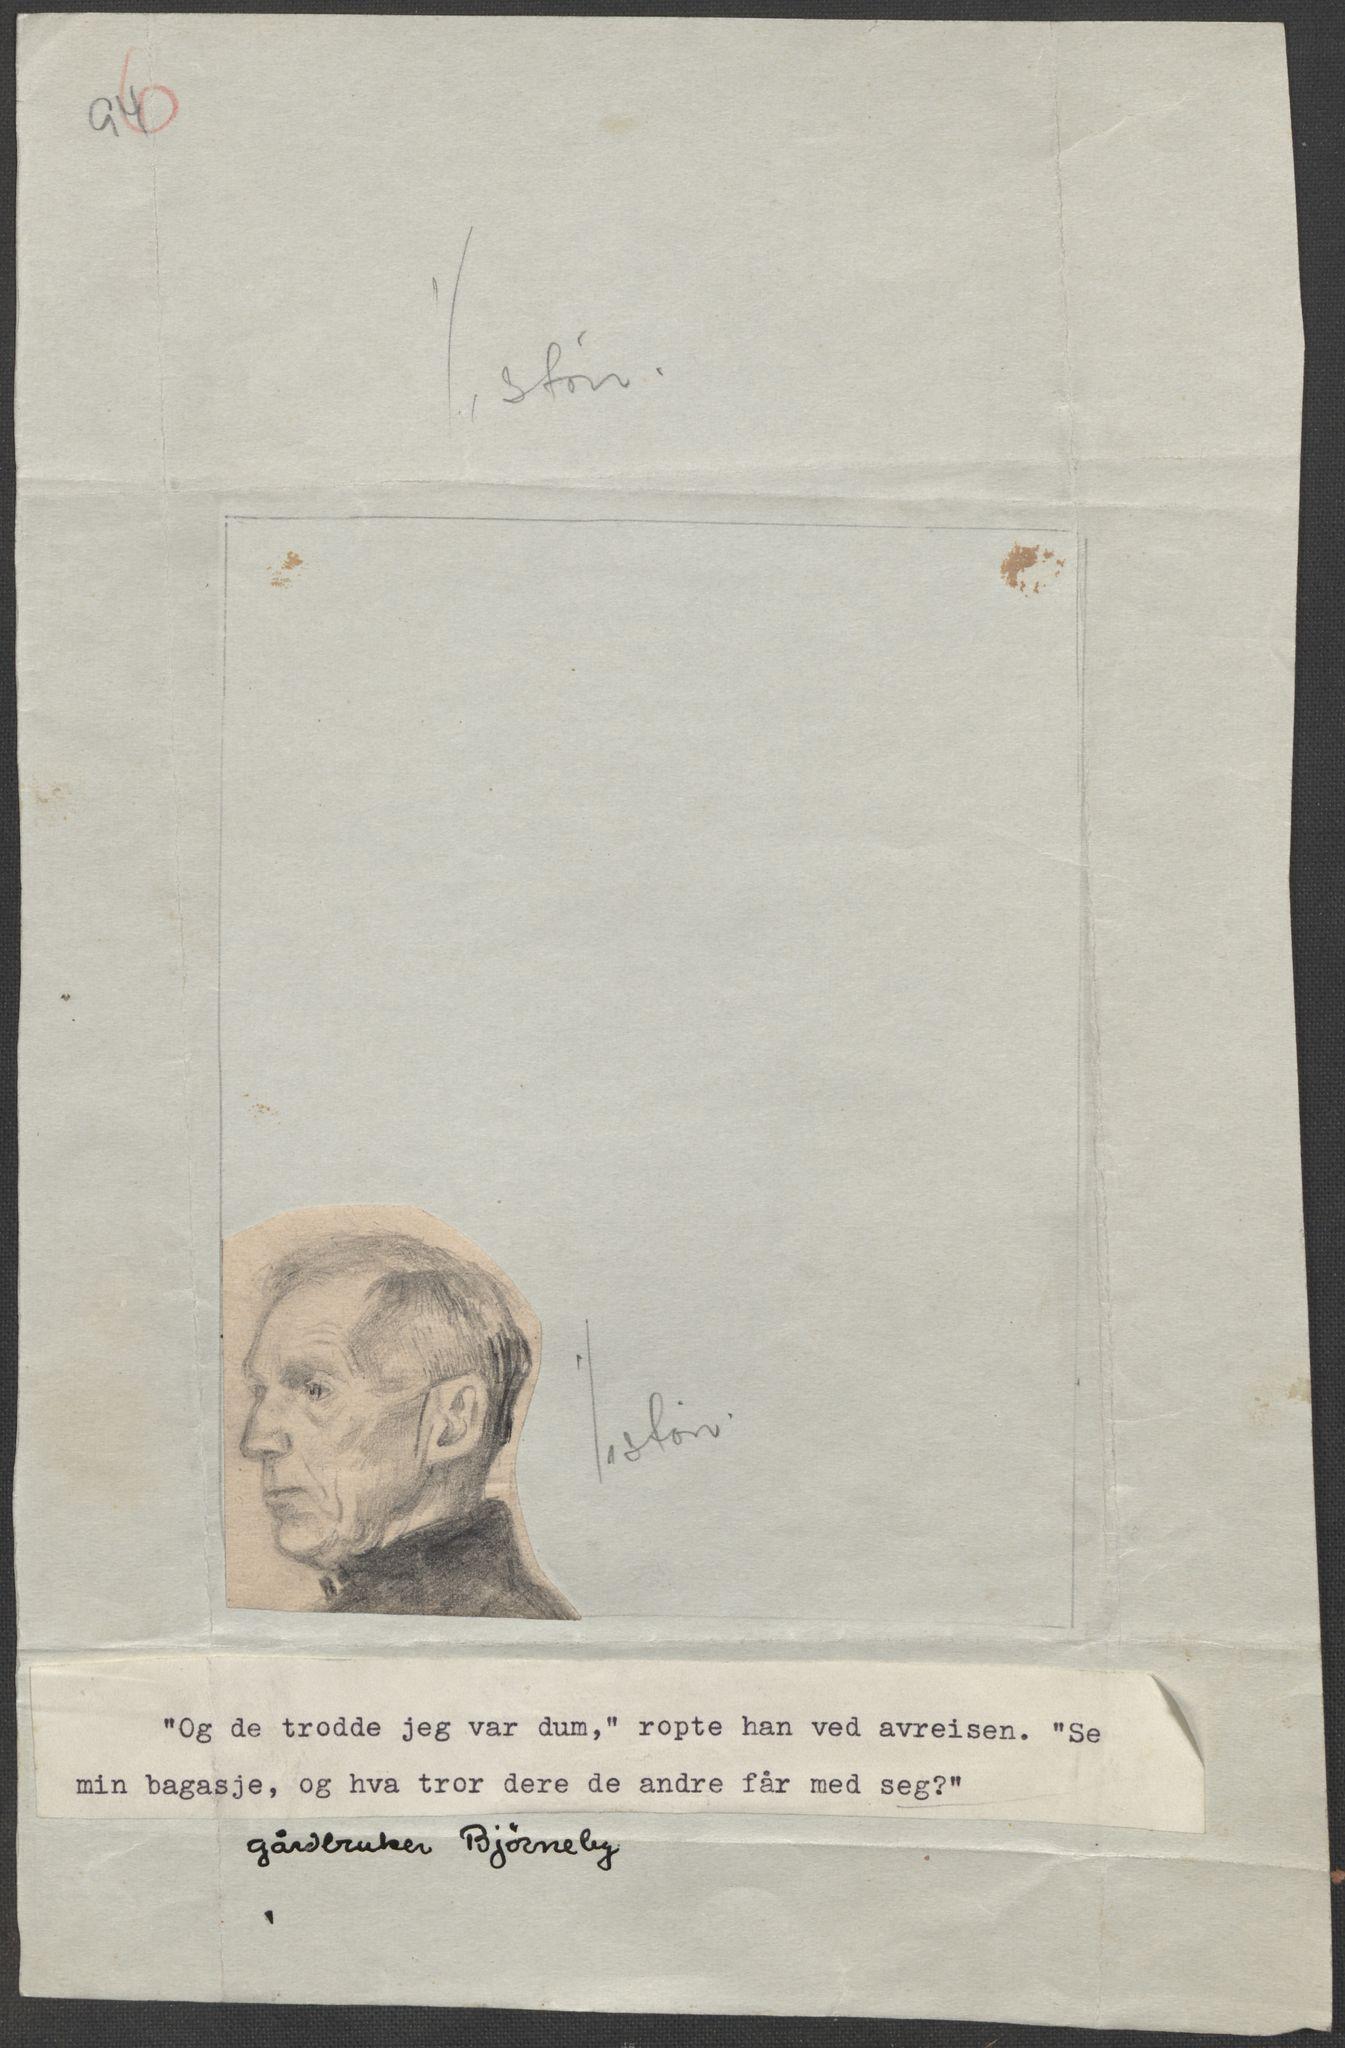 RA, Grøgaard, Joachim, F/L0002: Tegninger og tekster, 1942-1945, s. 4